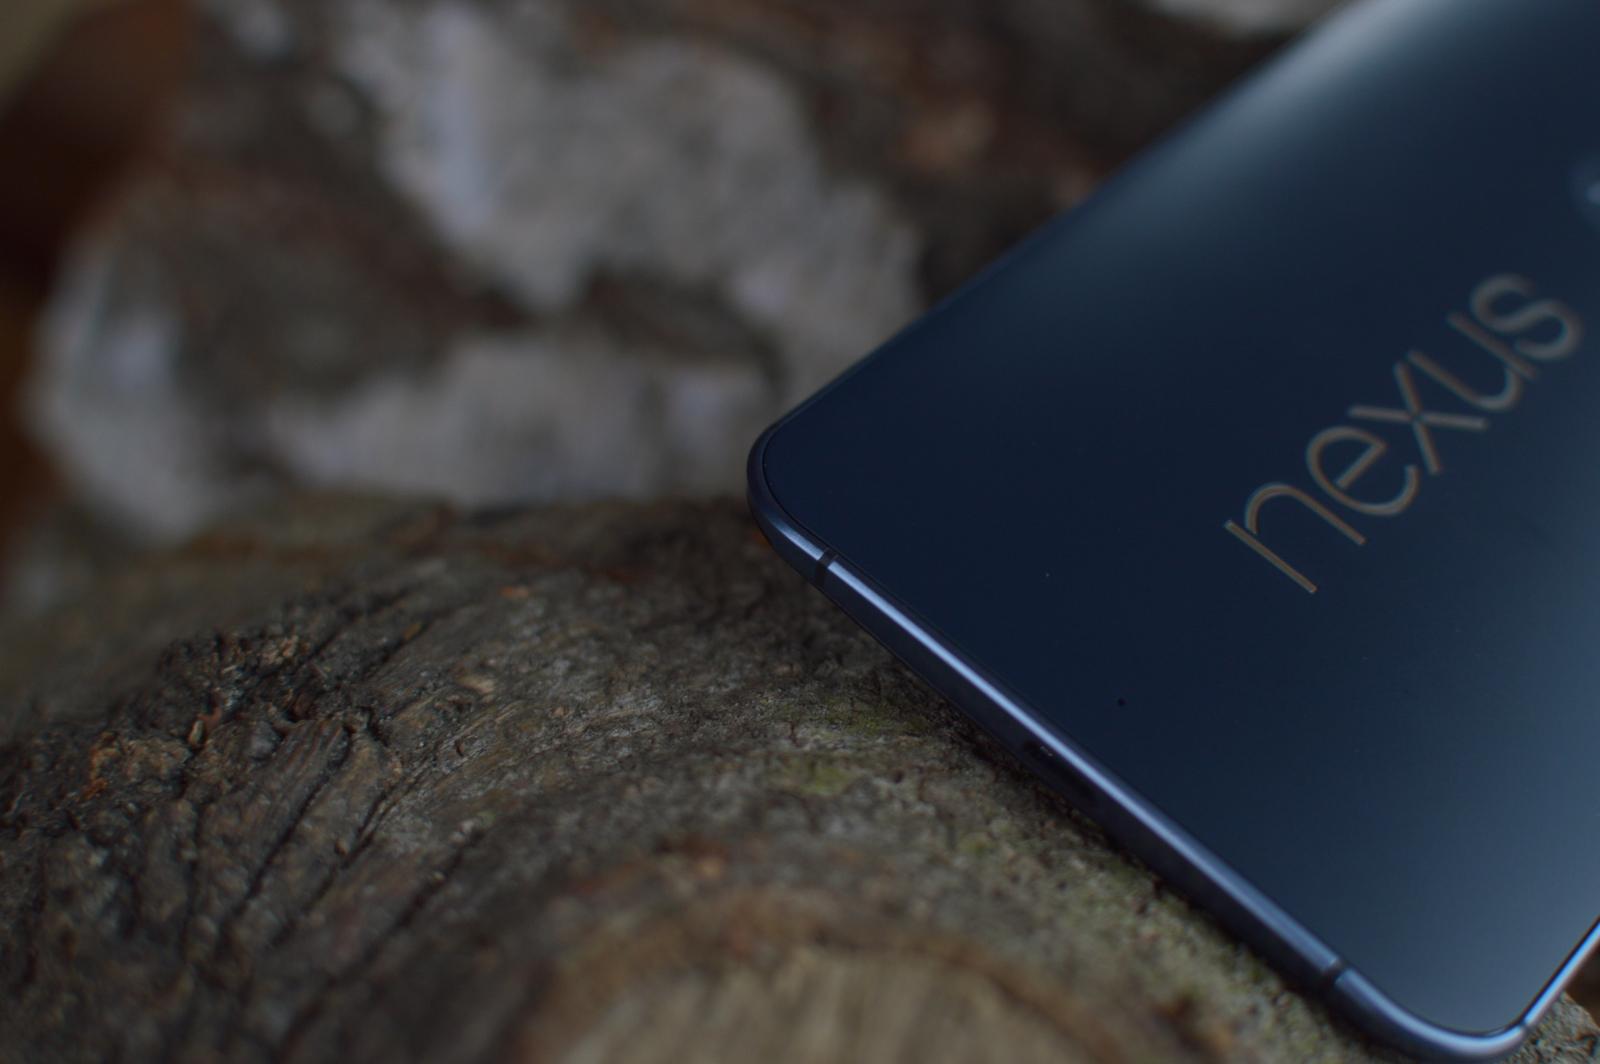 Nexus 6, czyli rozmiar to nie wszystko – recenzja Spider's Web